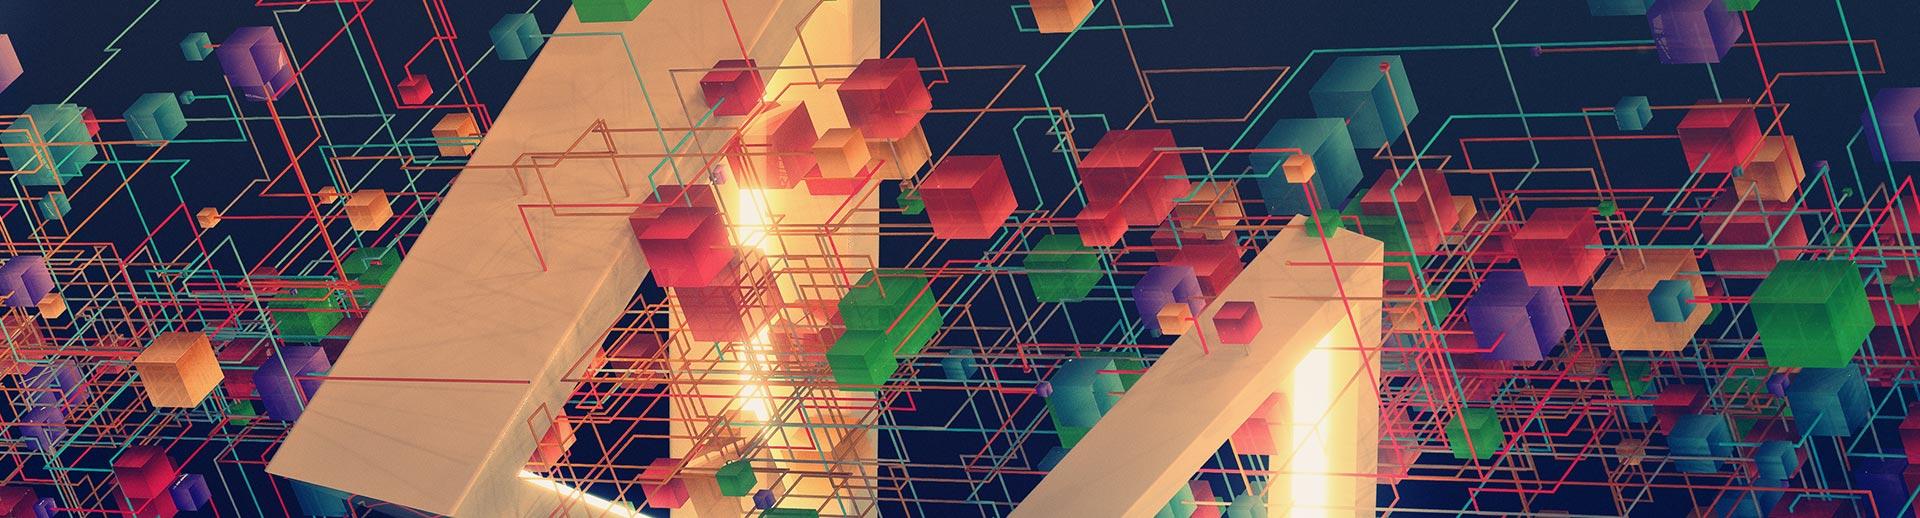 Filament_Cube_Network_001